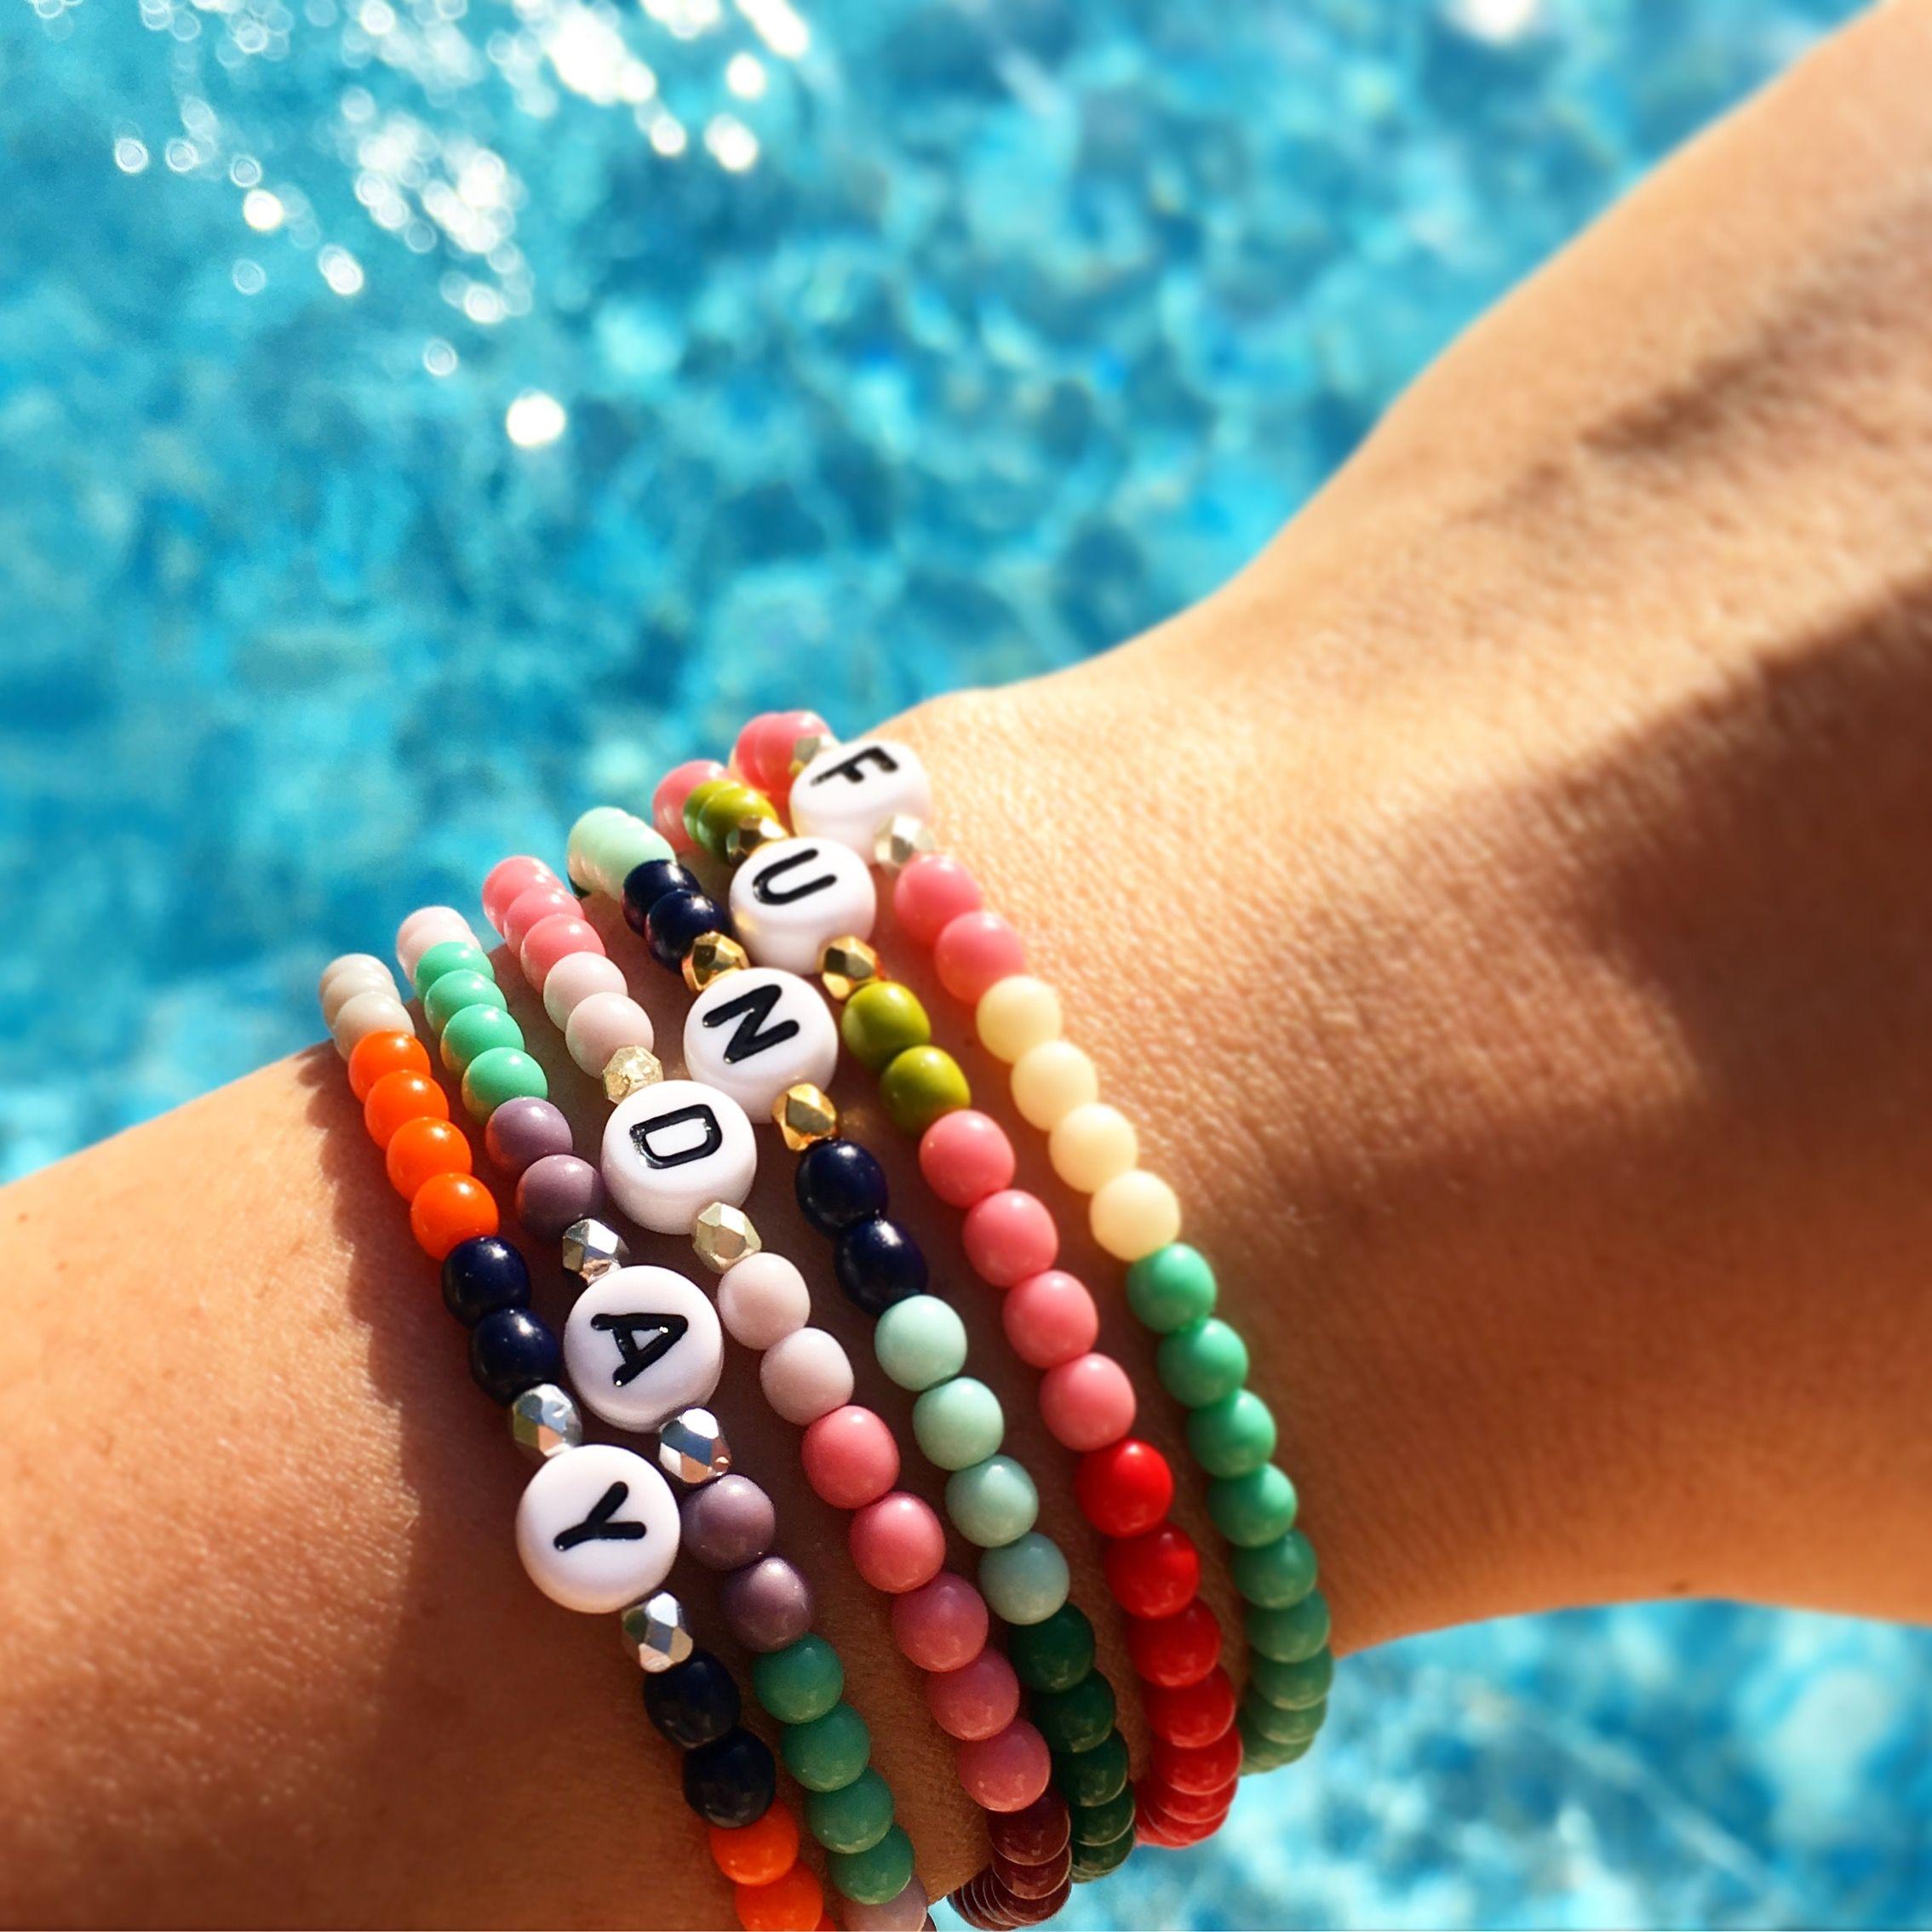 40+ Letter bead bracelets uk ideas in 2021